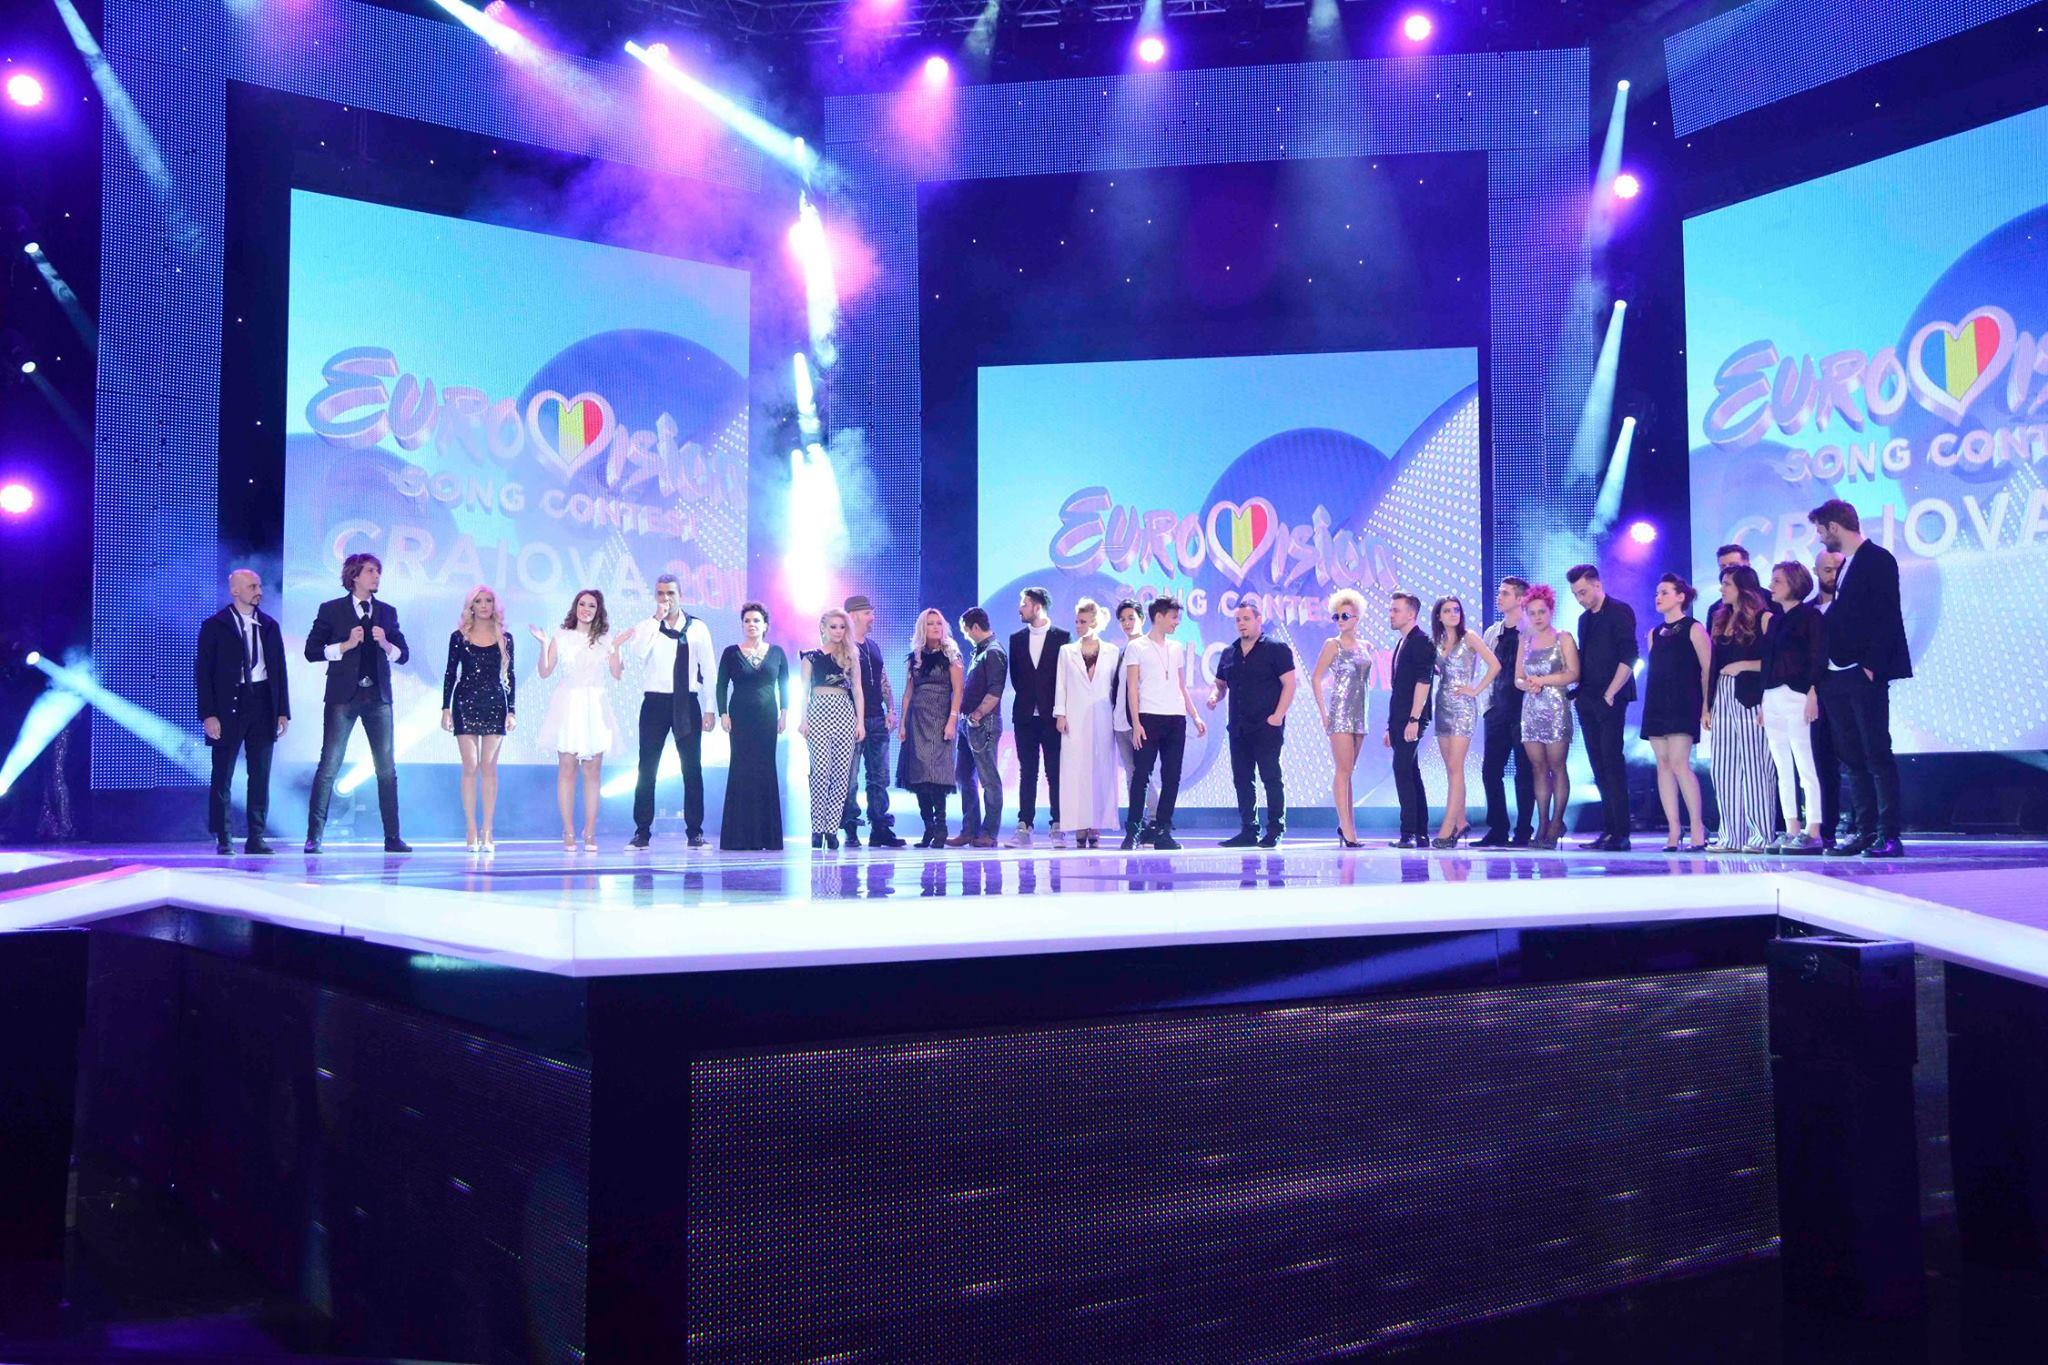 Финал отборочного конкурса на евровидение